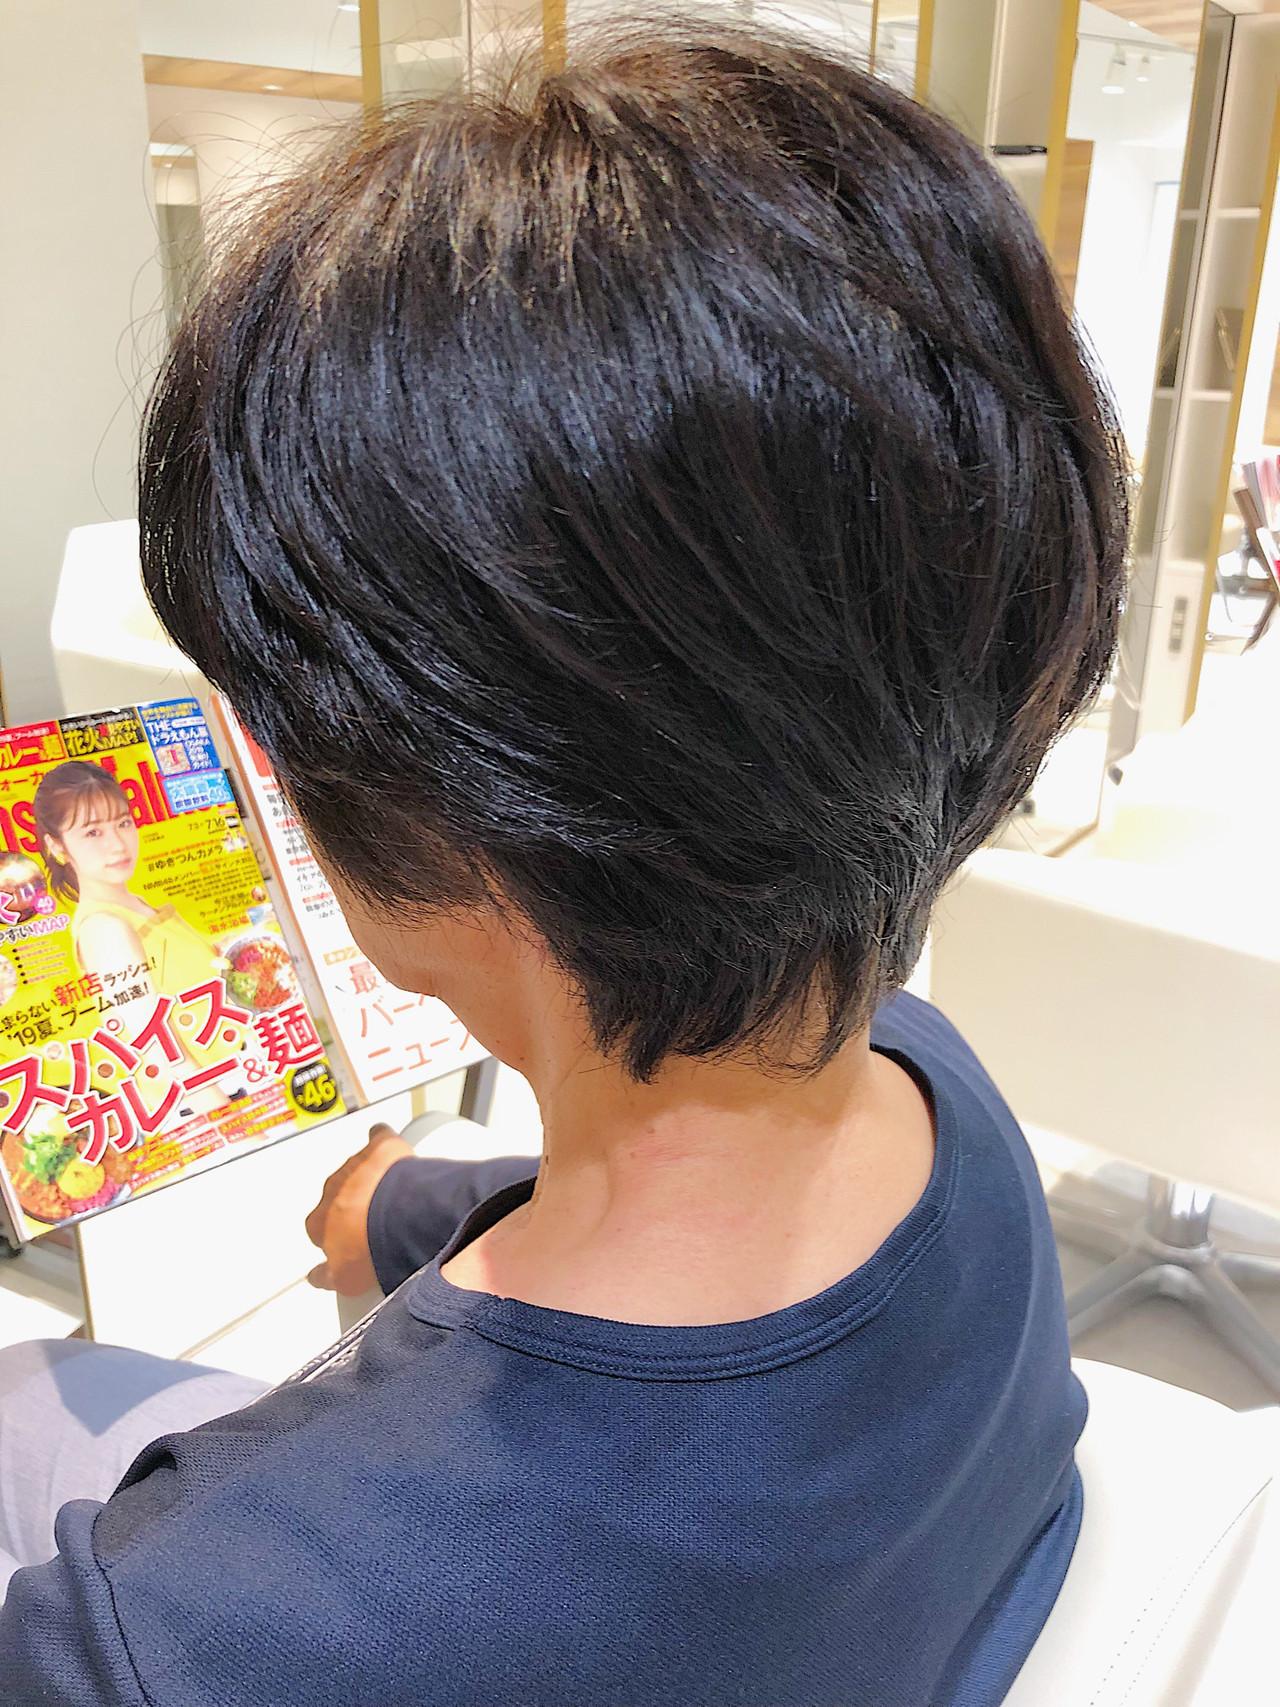 ナチュラル可愛い ハンサムショート ナチュラル ショートヘア ヘアスタイルや髪型の写真・画像